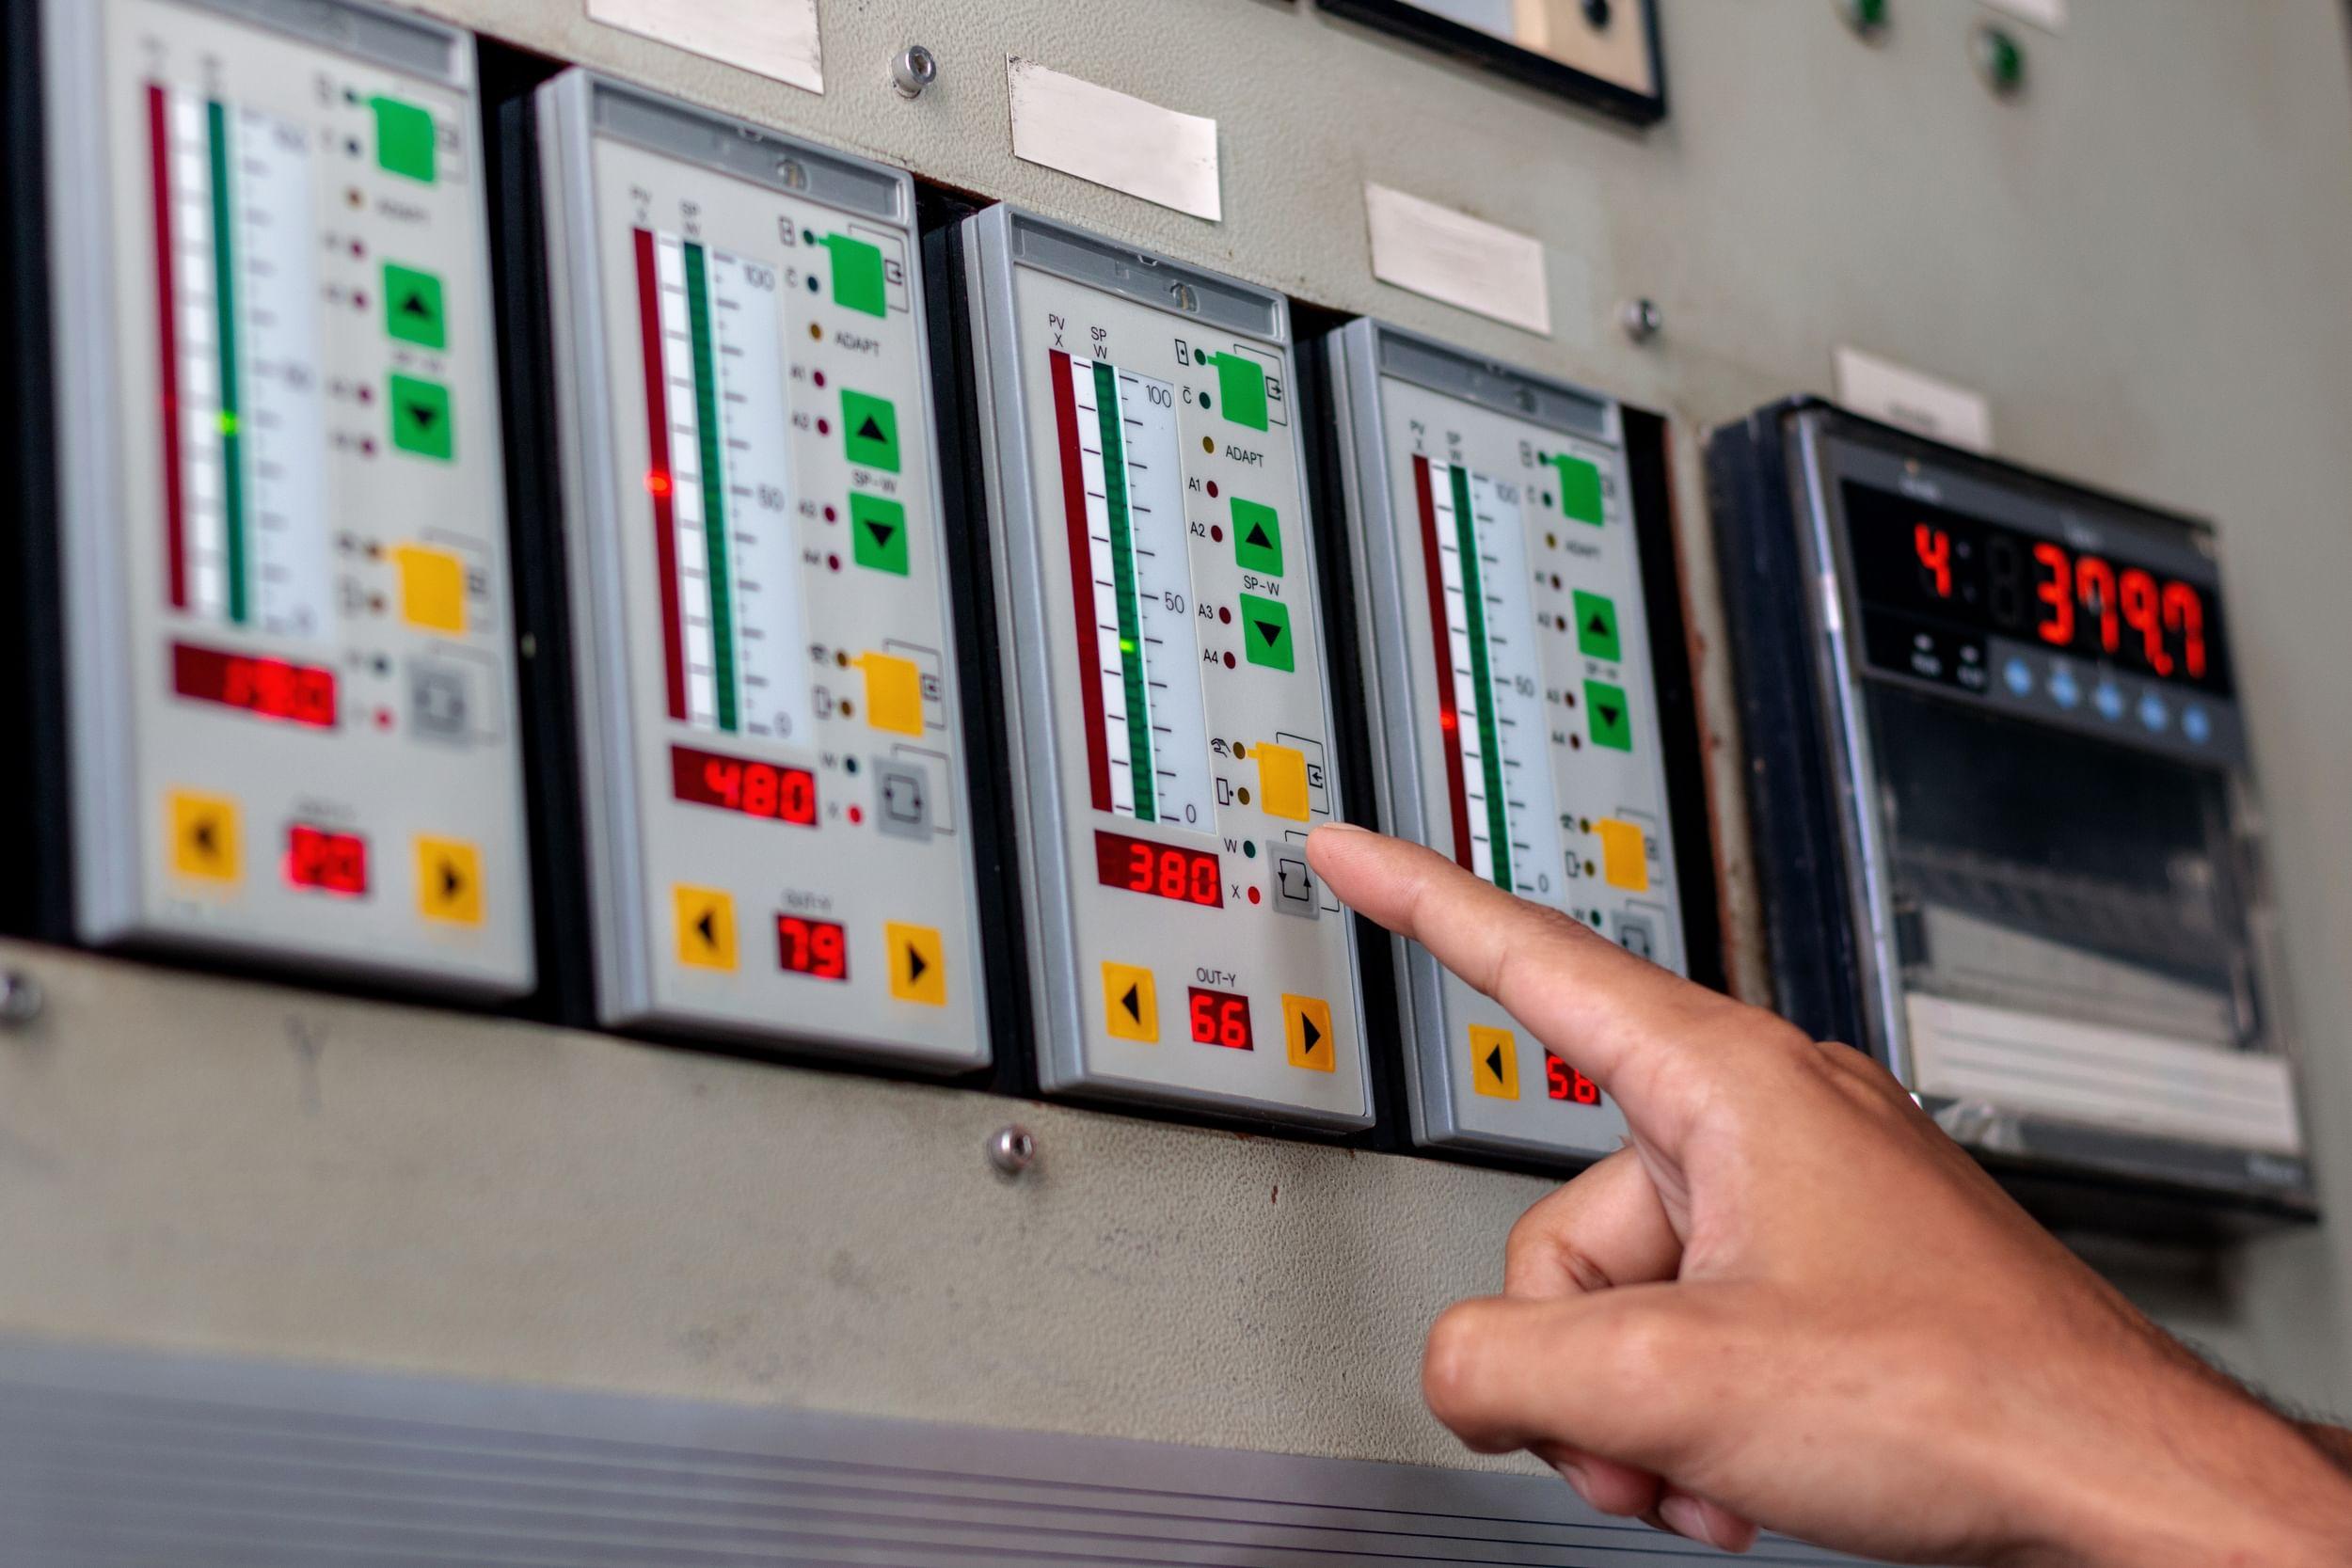 Building management controls